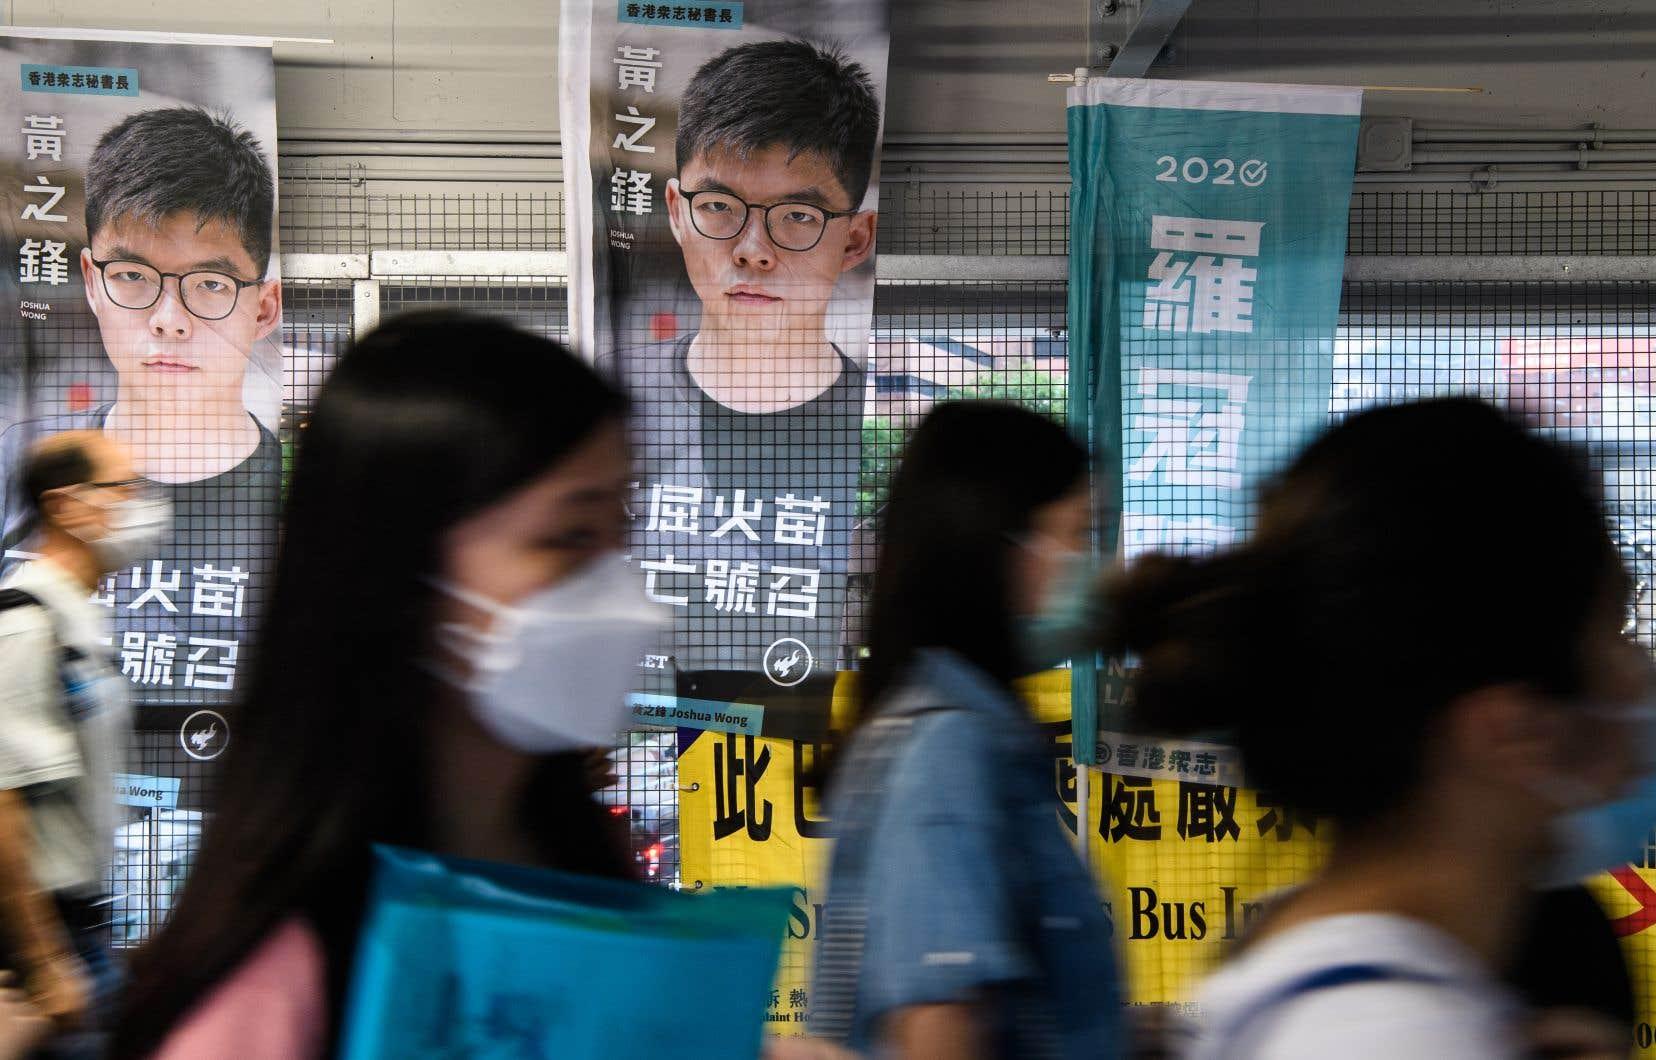 La décision de la Chine d'imposer à Hong Kong une loi sur la «sécurité nationale» vise à réprimer les opposants au pouvoir central, dans le sillage des gigantesques protestations prodémocratie qui ont secoué le territoire semi-autonome l'an dernier.